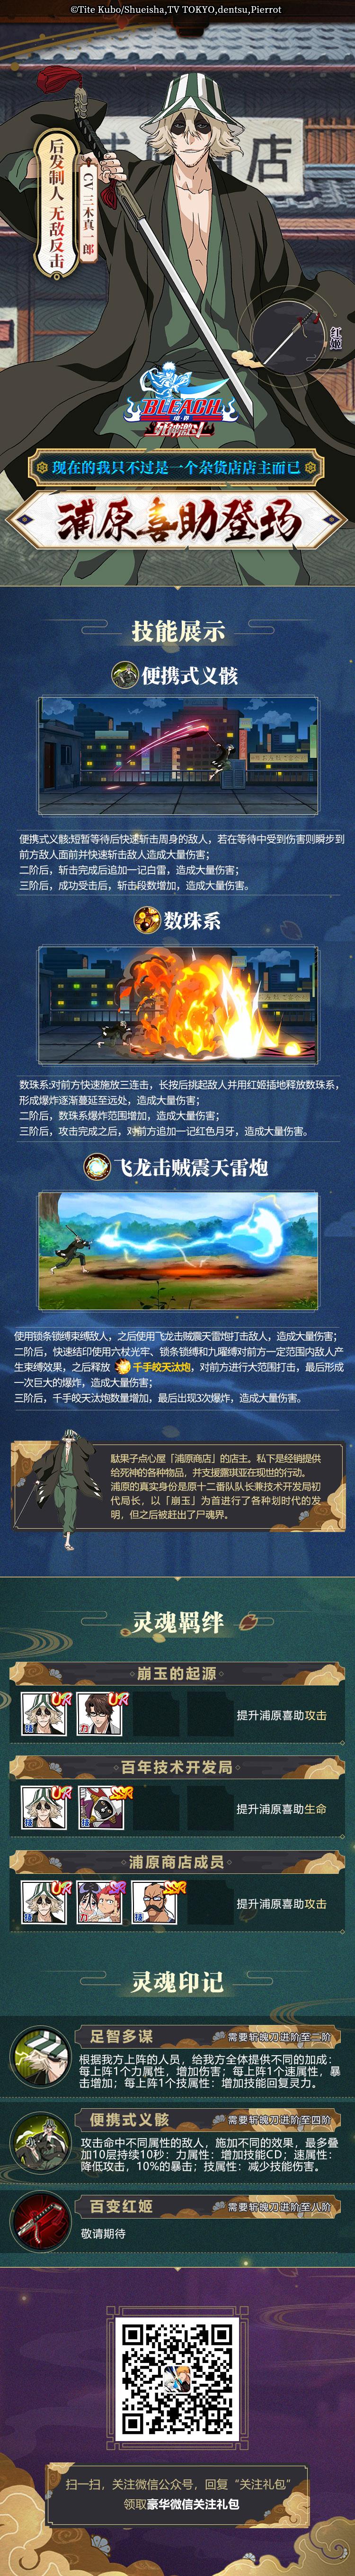 浦原长图2.jpg